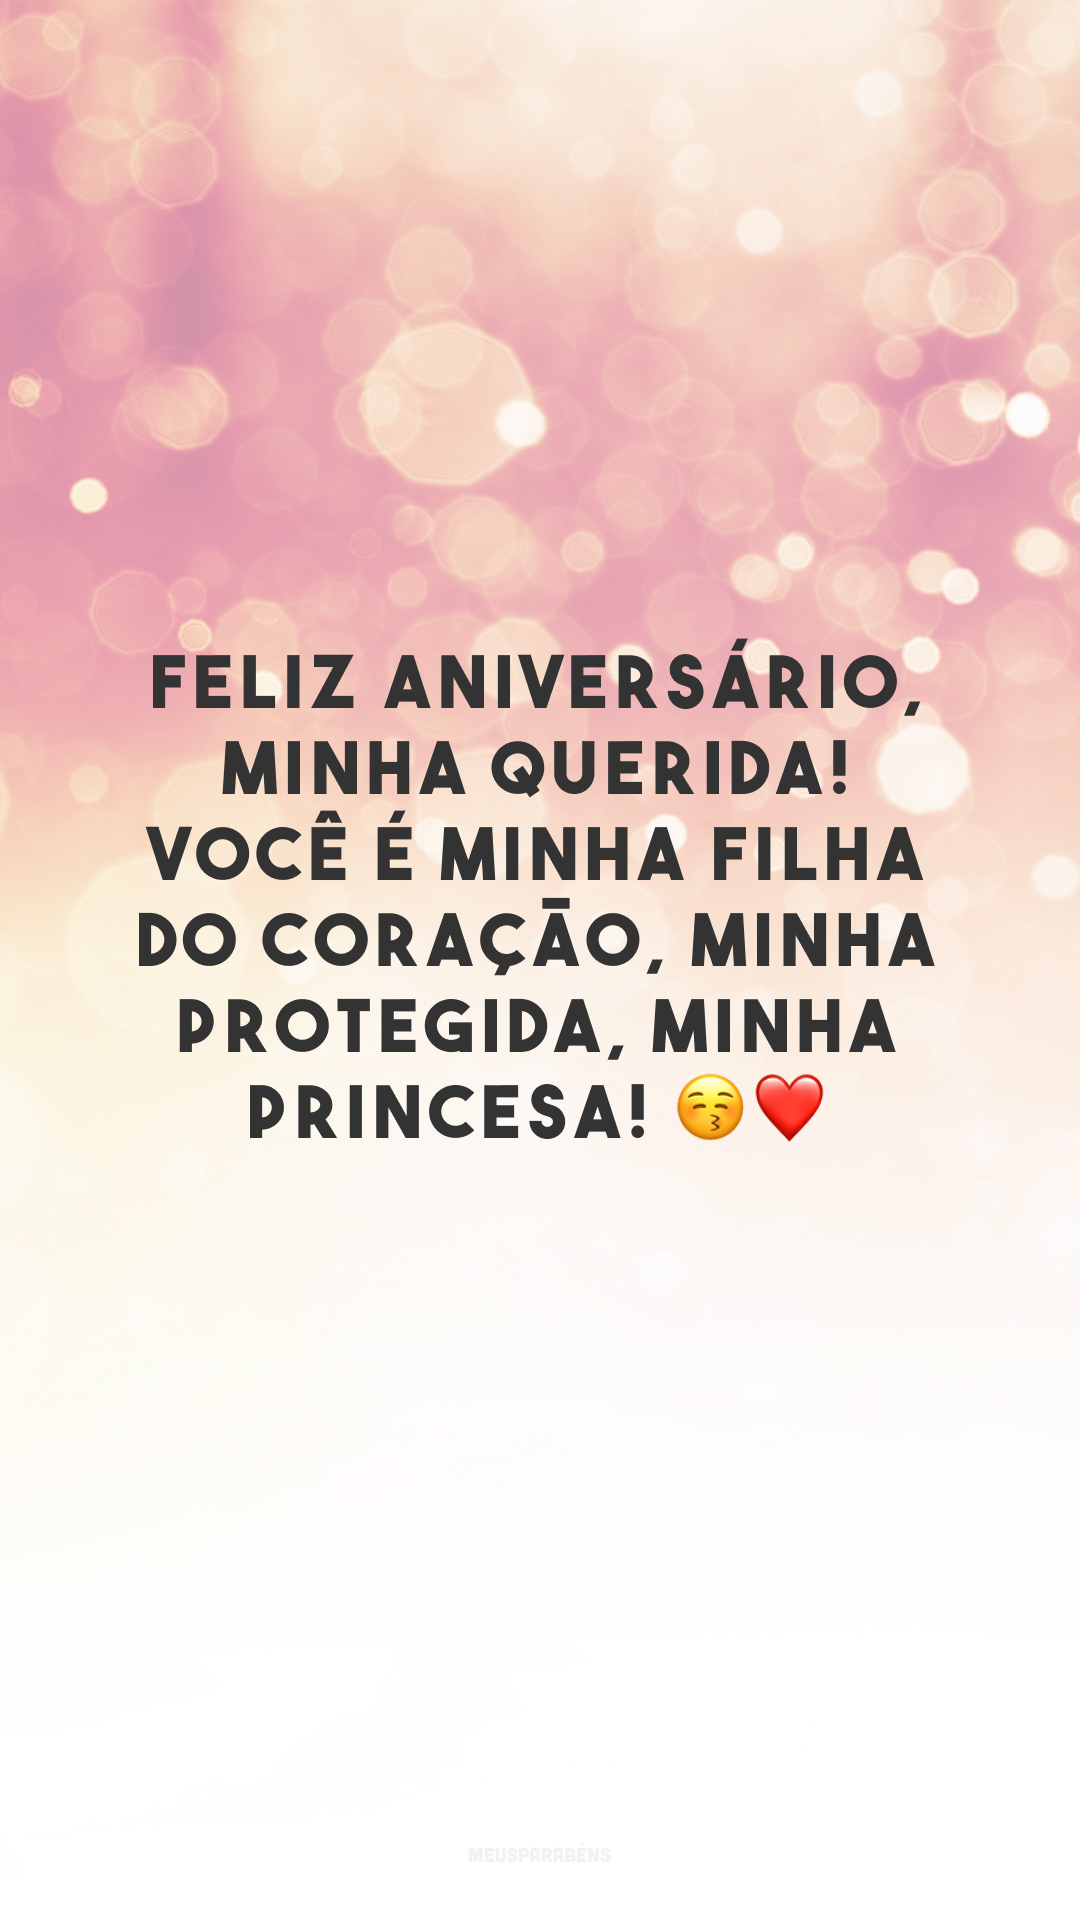 Feliz aniversário, minha querida! Você é minha filha do coração, minha protegida, minha princesa! 😚❤️